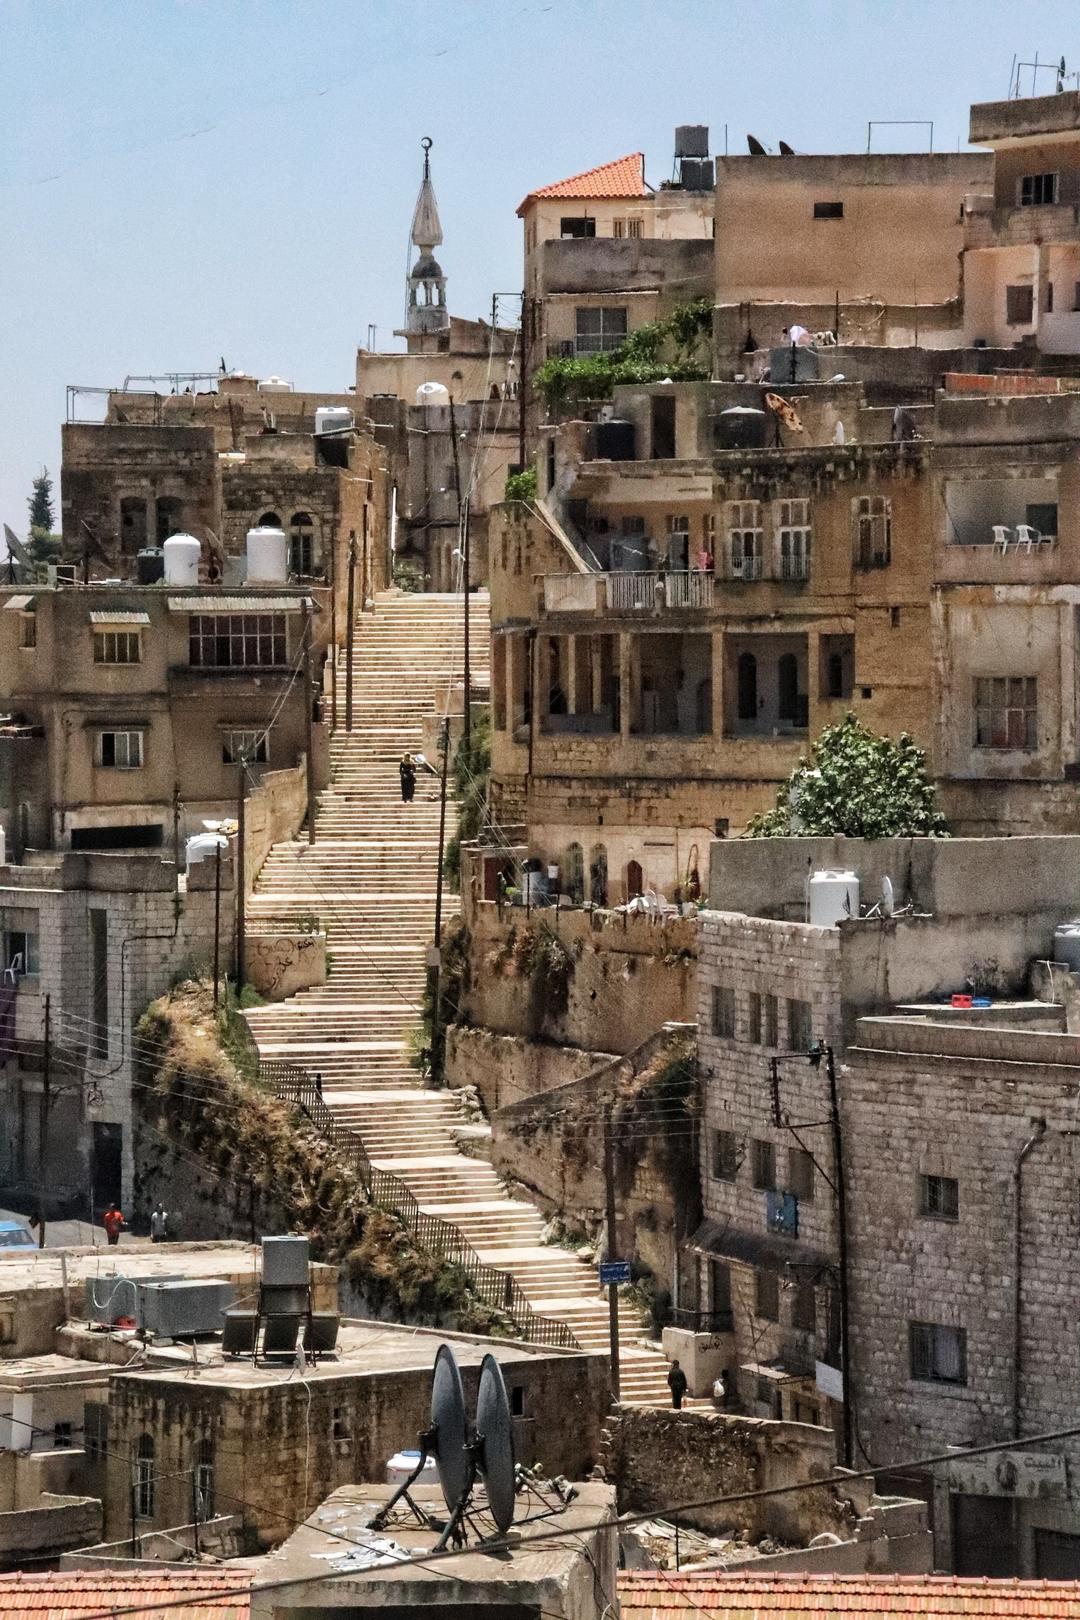 Jordanie - Visite de la vieille ville de Salt avec ses maisons ottomanes et ses nombreux escaliers